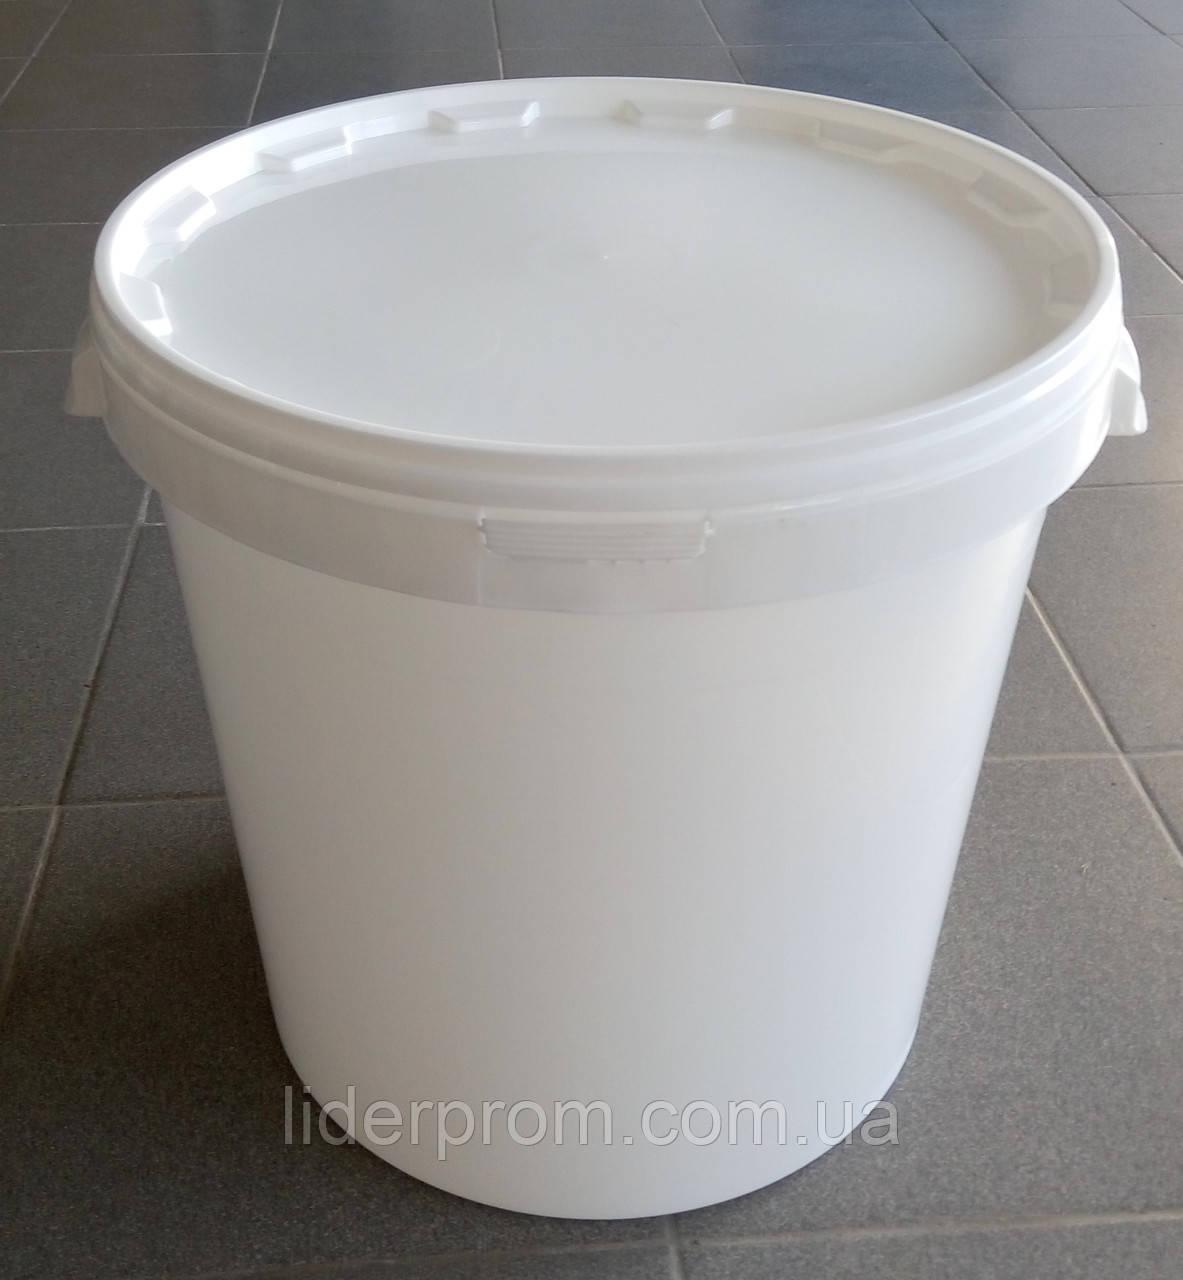 Ведро полипропиленовое пищевое 30 литров JOKEY Германия